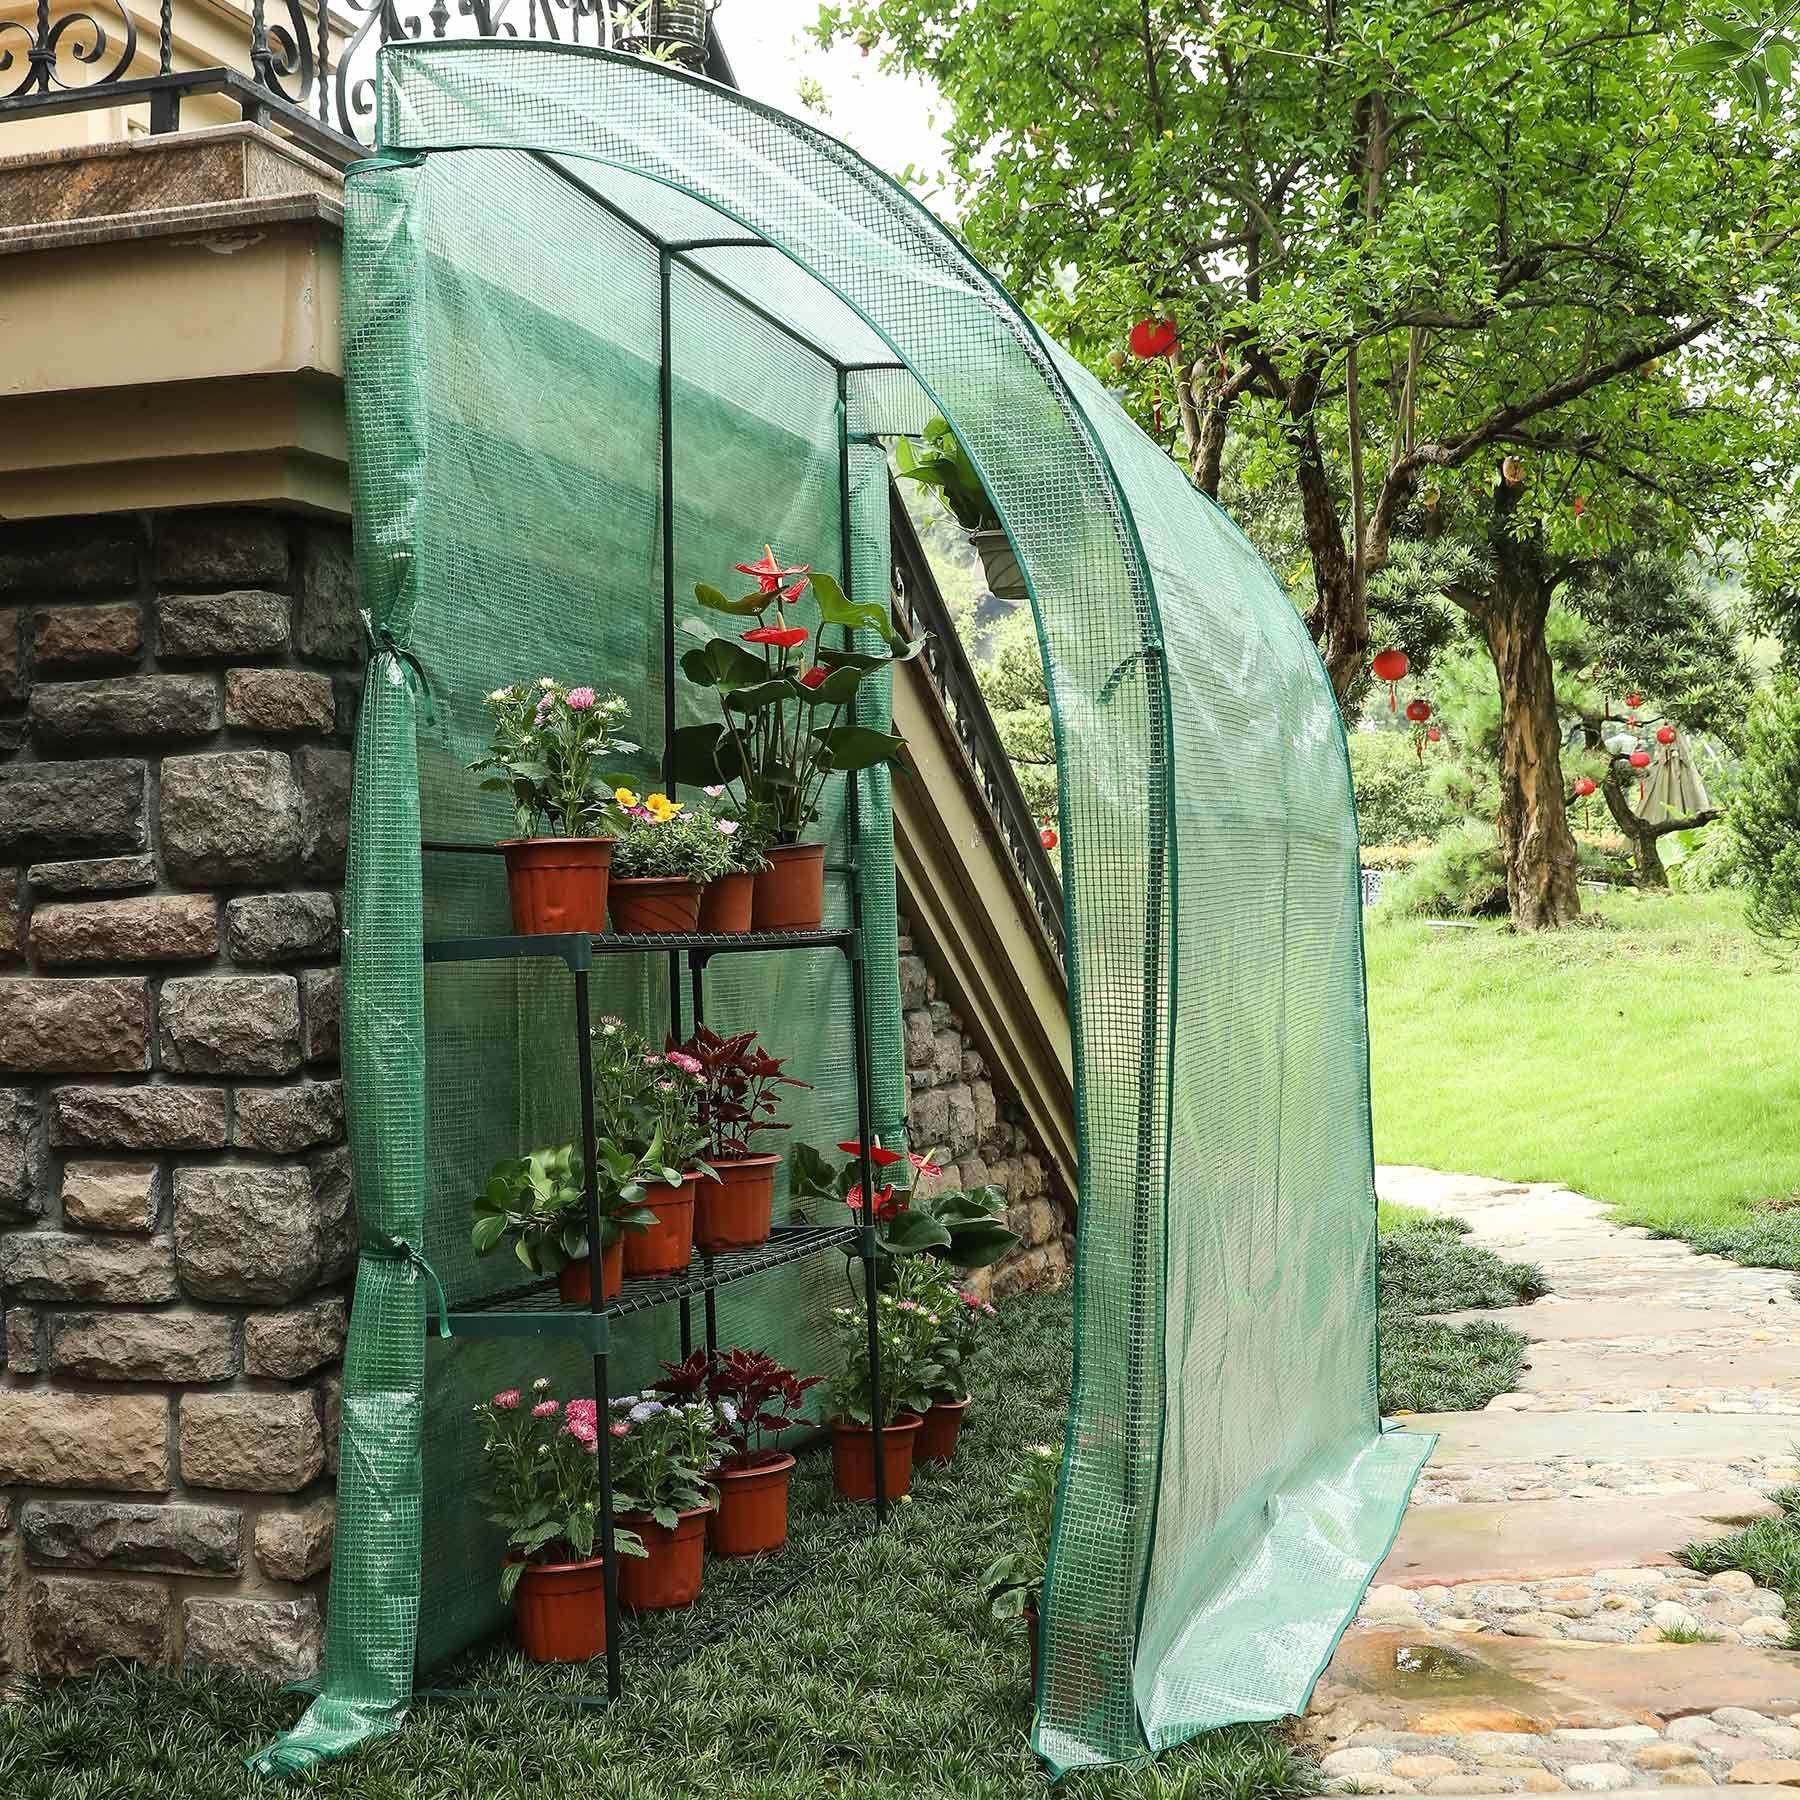 Best Choice Products 78 X 39 X 89 Green 3 Tier Portable Walk In Mini Greenhouse Walmart Com Mini Greenhouse Lean To Greenhouse Greenhouse Backyard walk in greenhouse